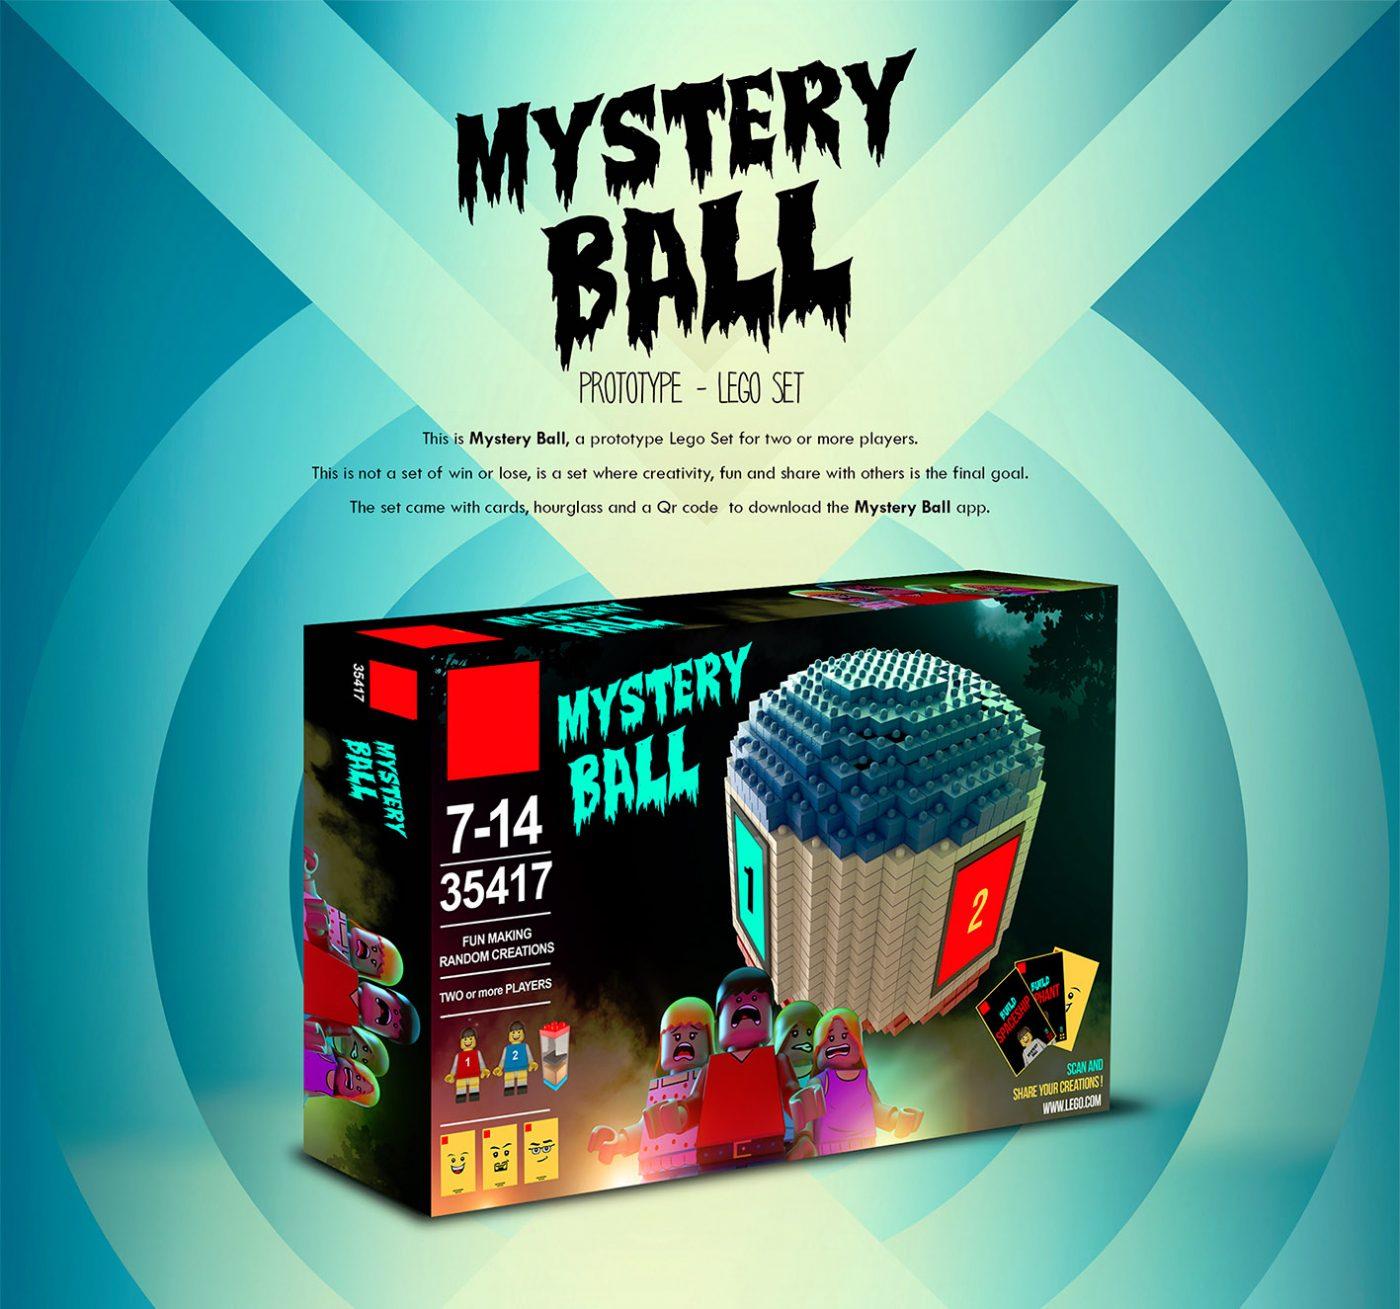 Lego Mystery Ball